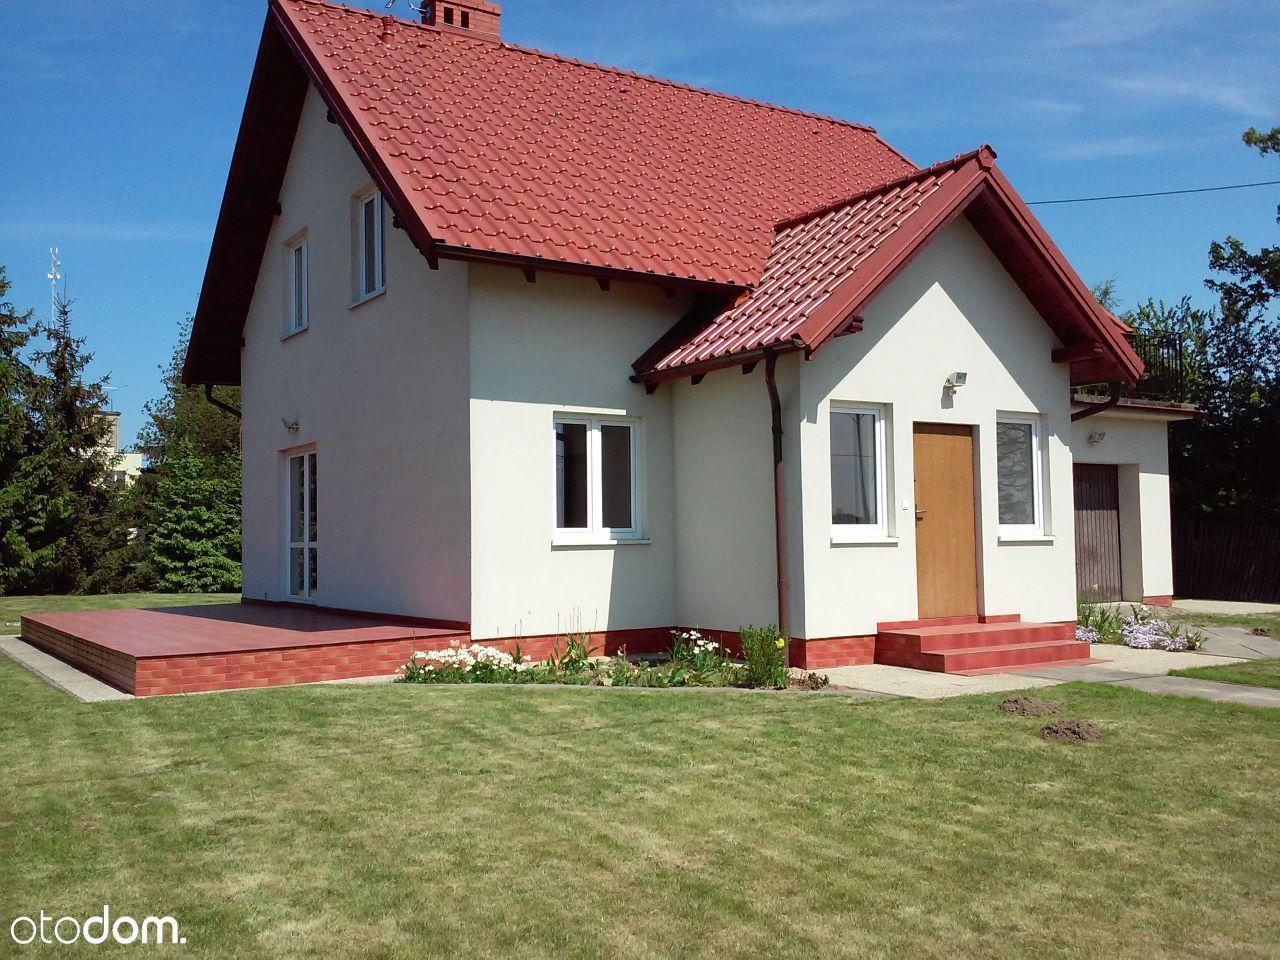 Dom na sprzedaż, Stegna, nowodworski, pomorskie - Foto 6